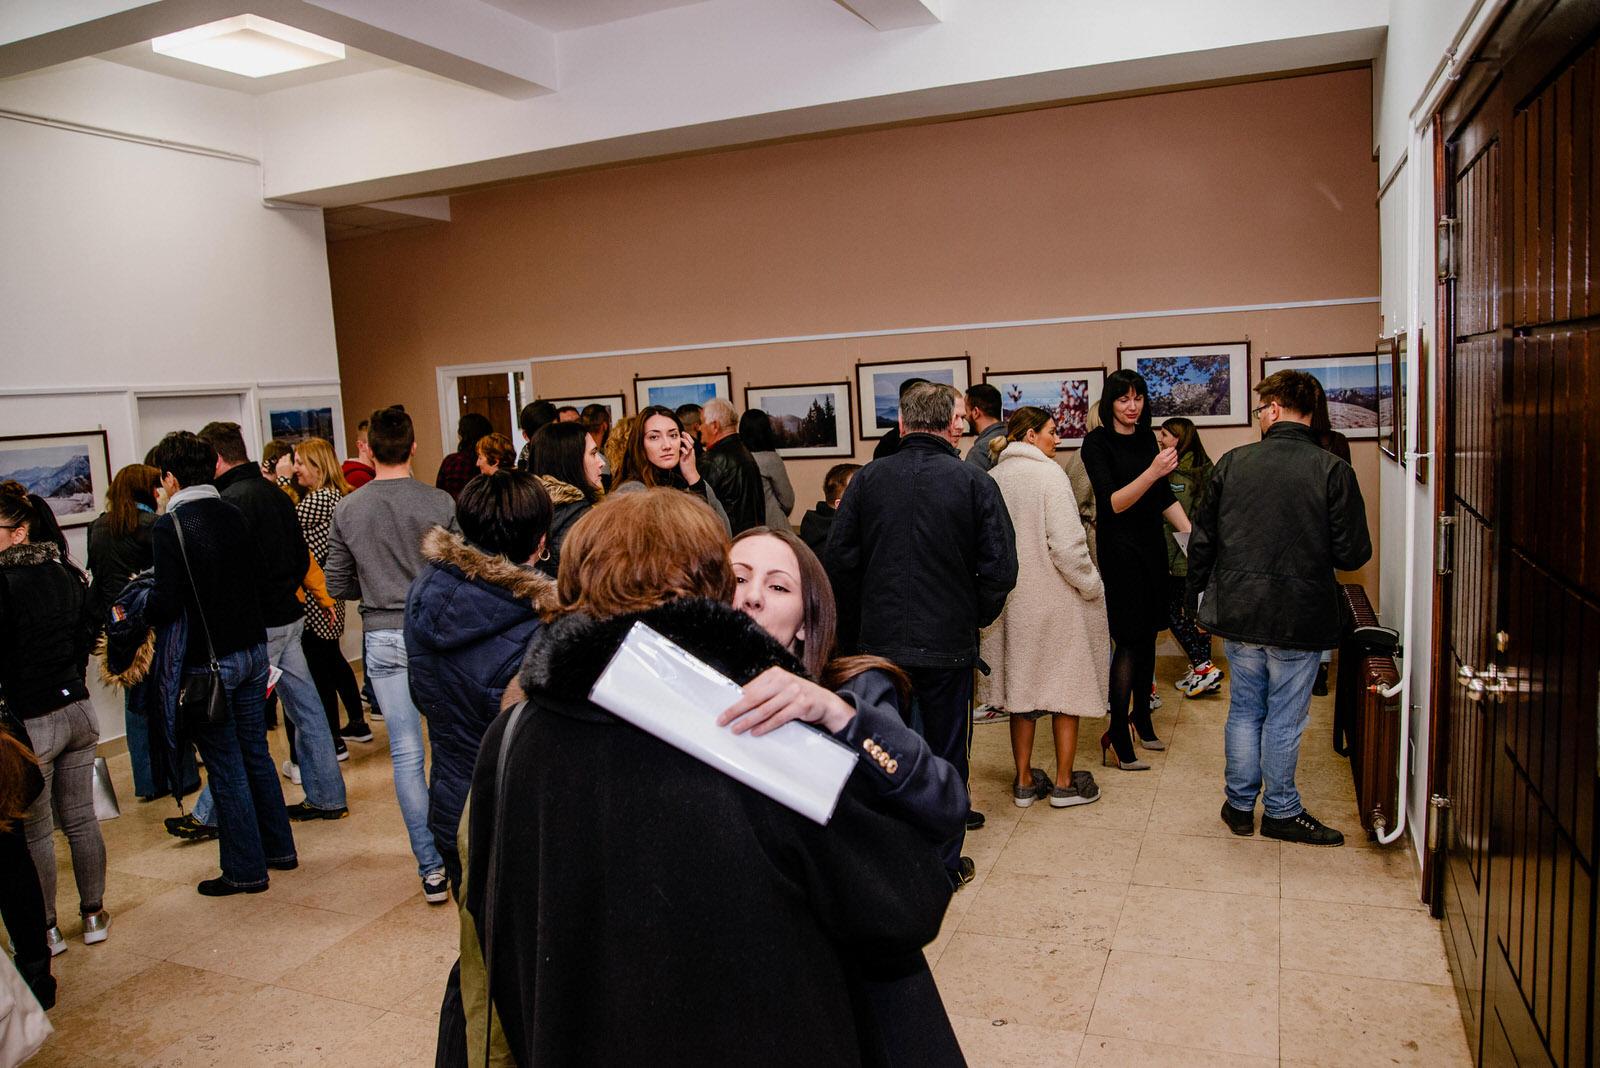 likaclub_izložba fotografije nita ratković_2020 (24)